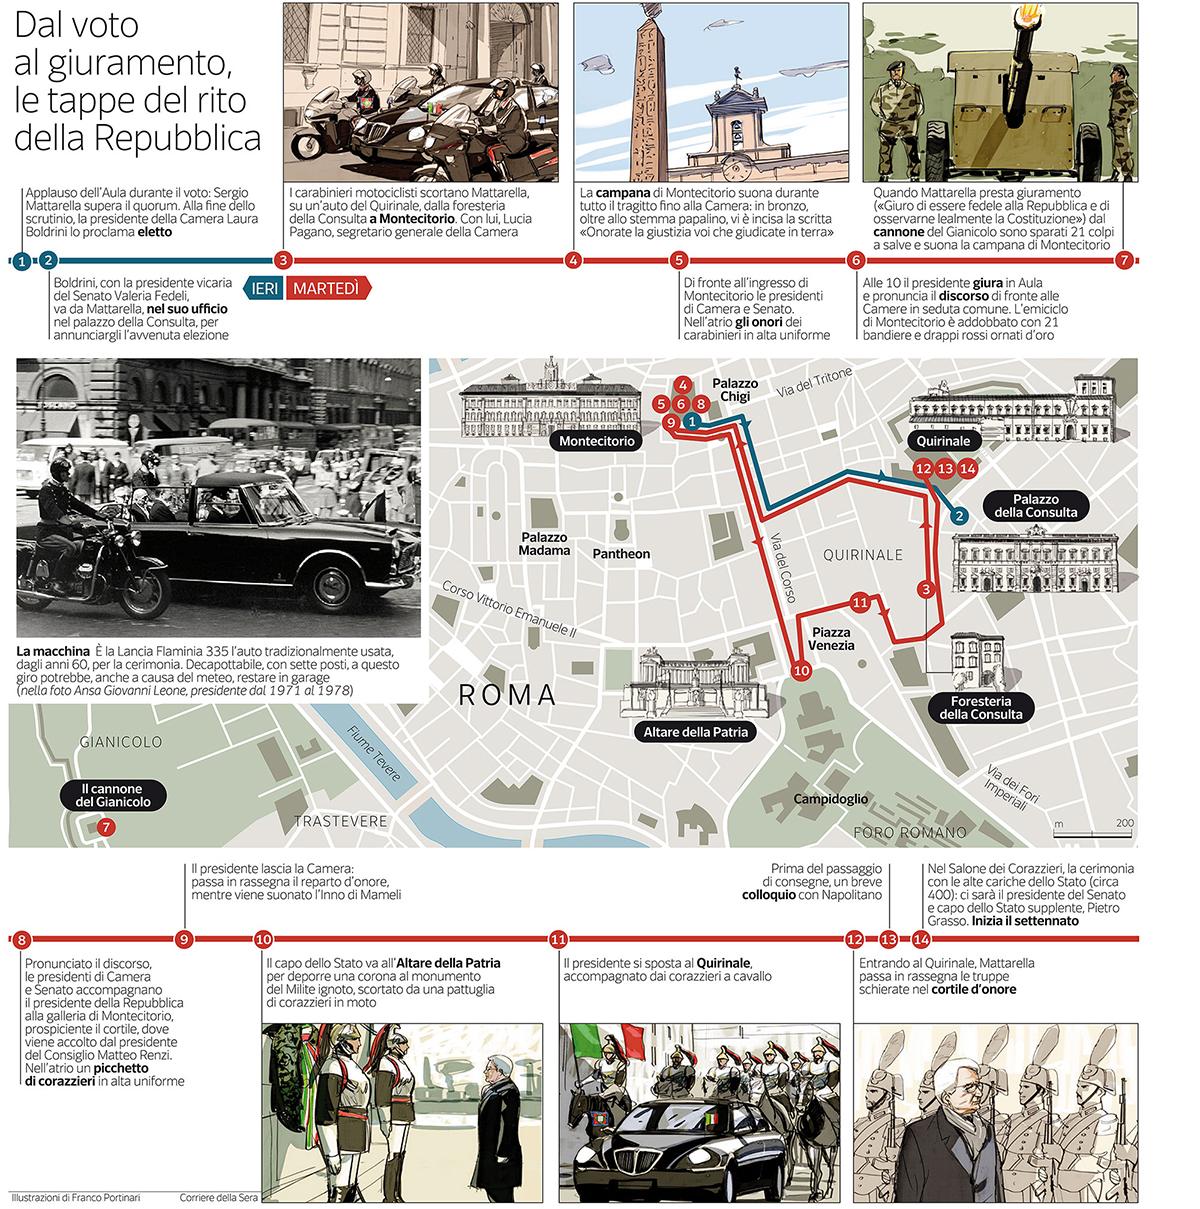 La cerimonia di insediamento del presidente della Repubblica in infografica